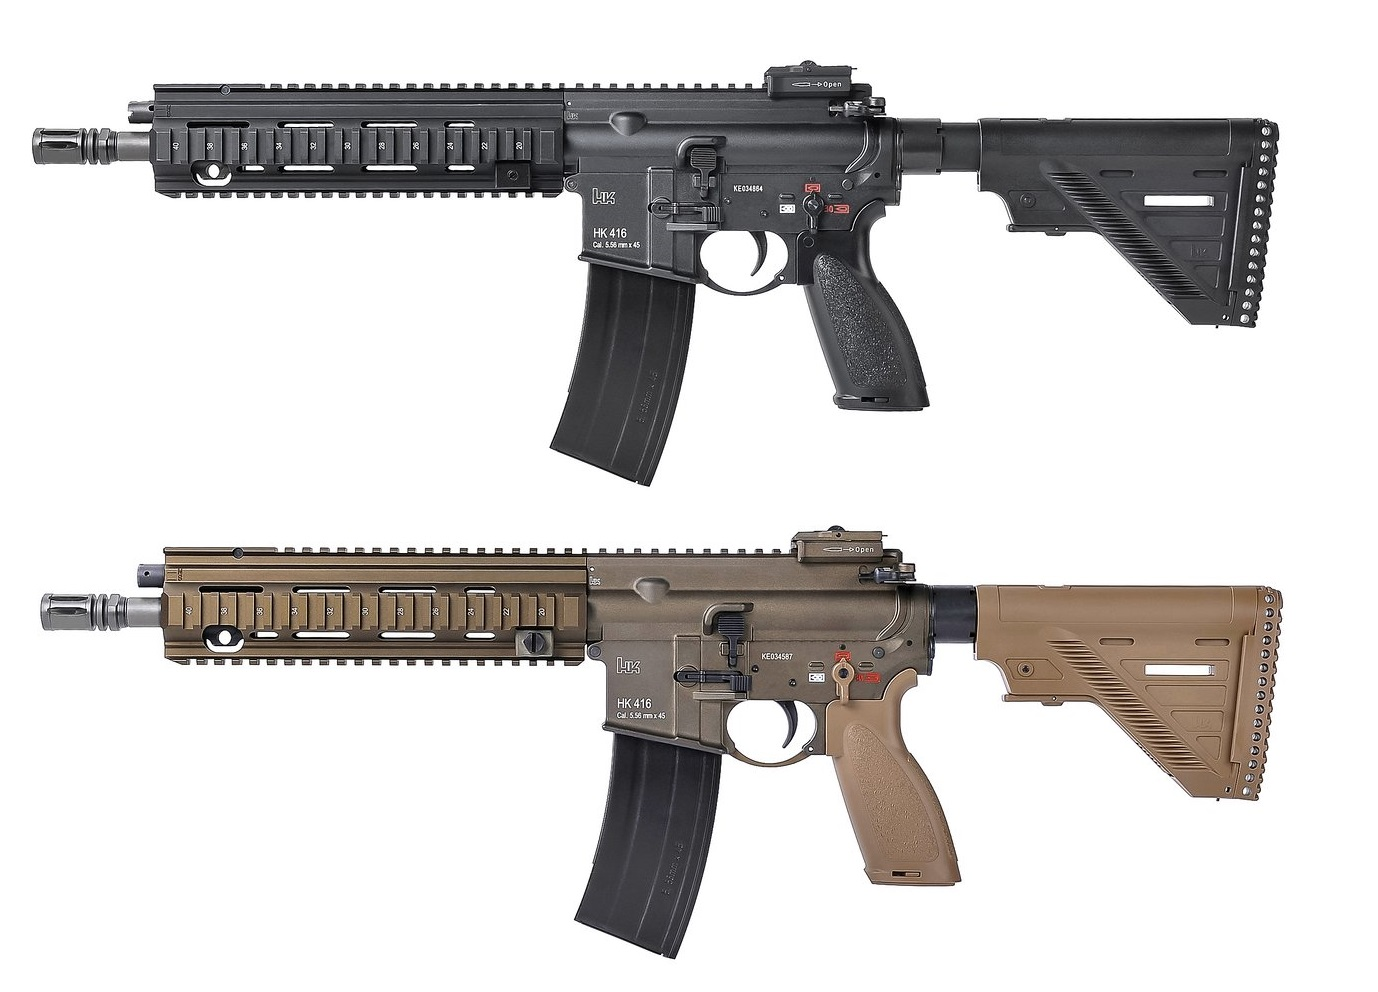 【再入荷予約】Umarex HK416A5 GBBR (JPver./HK Licensed)